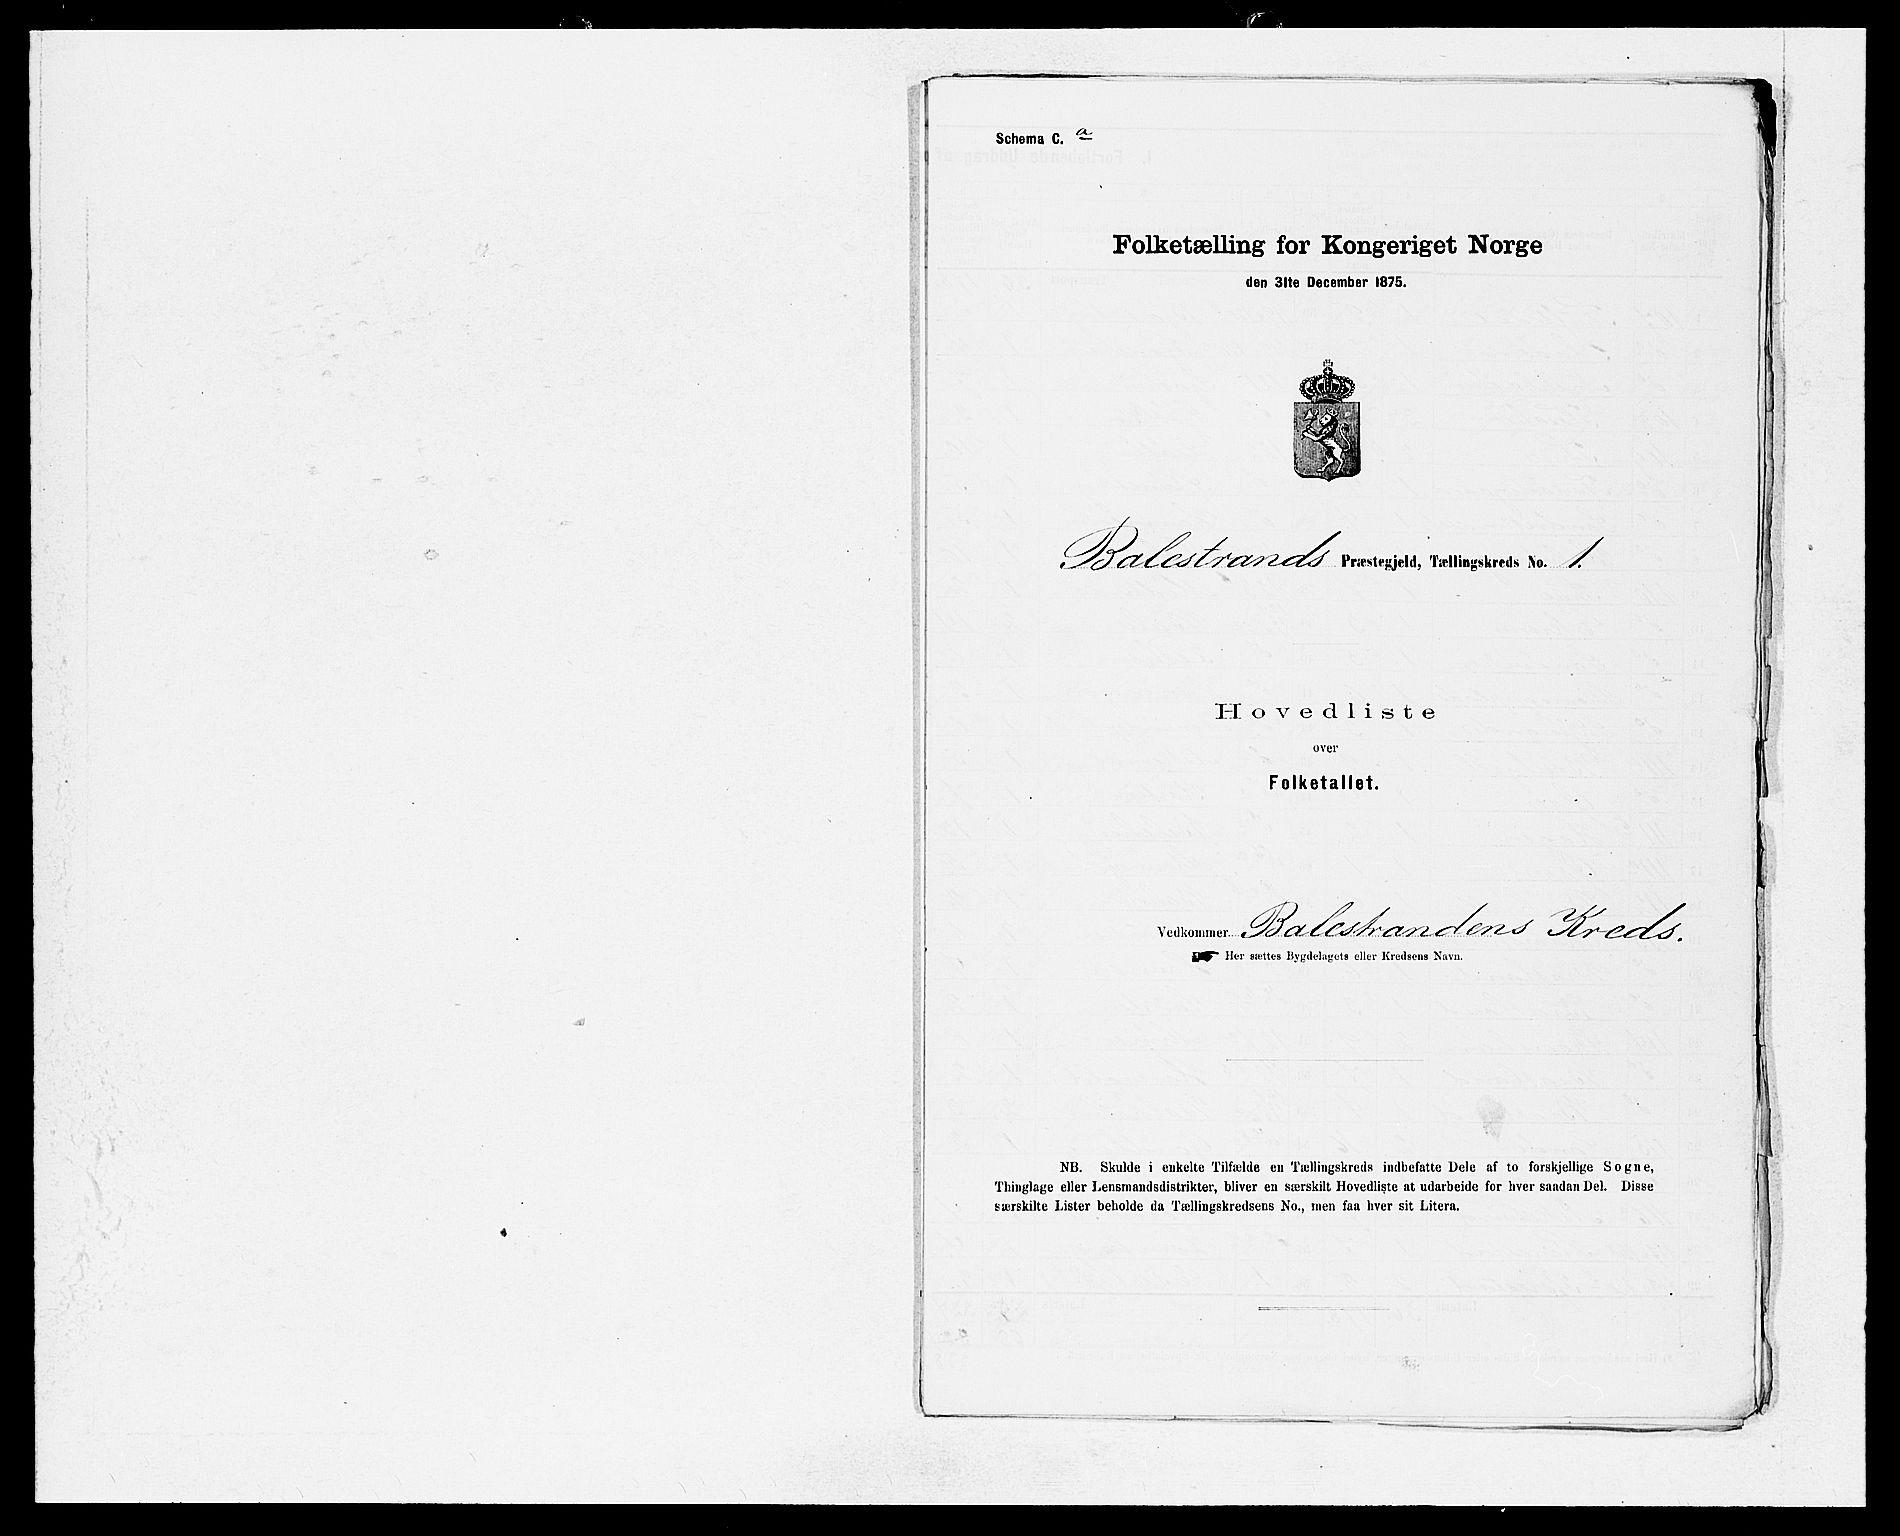 SAB, Folketelling 1875 for 1418P Balestrand prestegjeld, 1875, s. 2